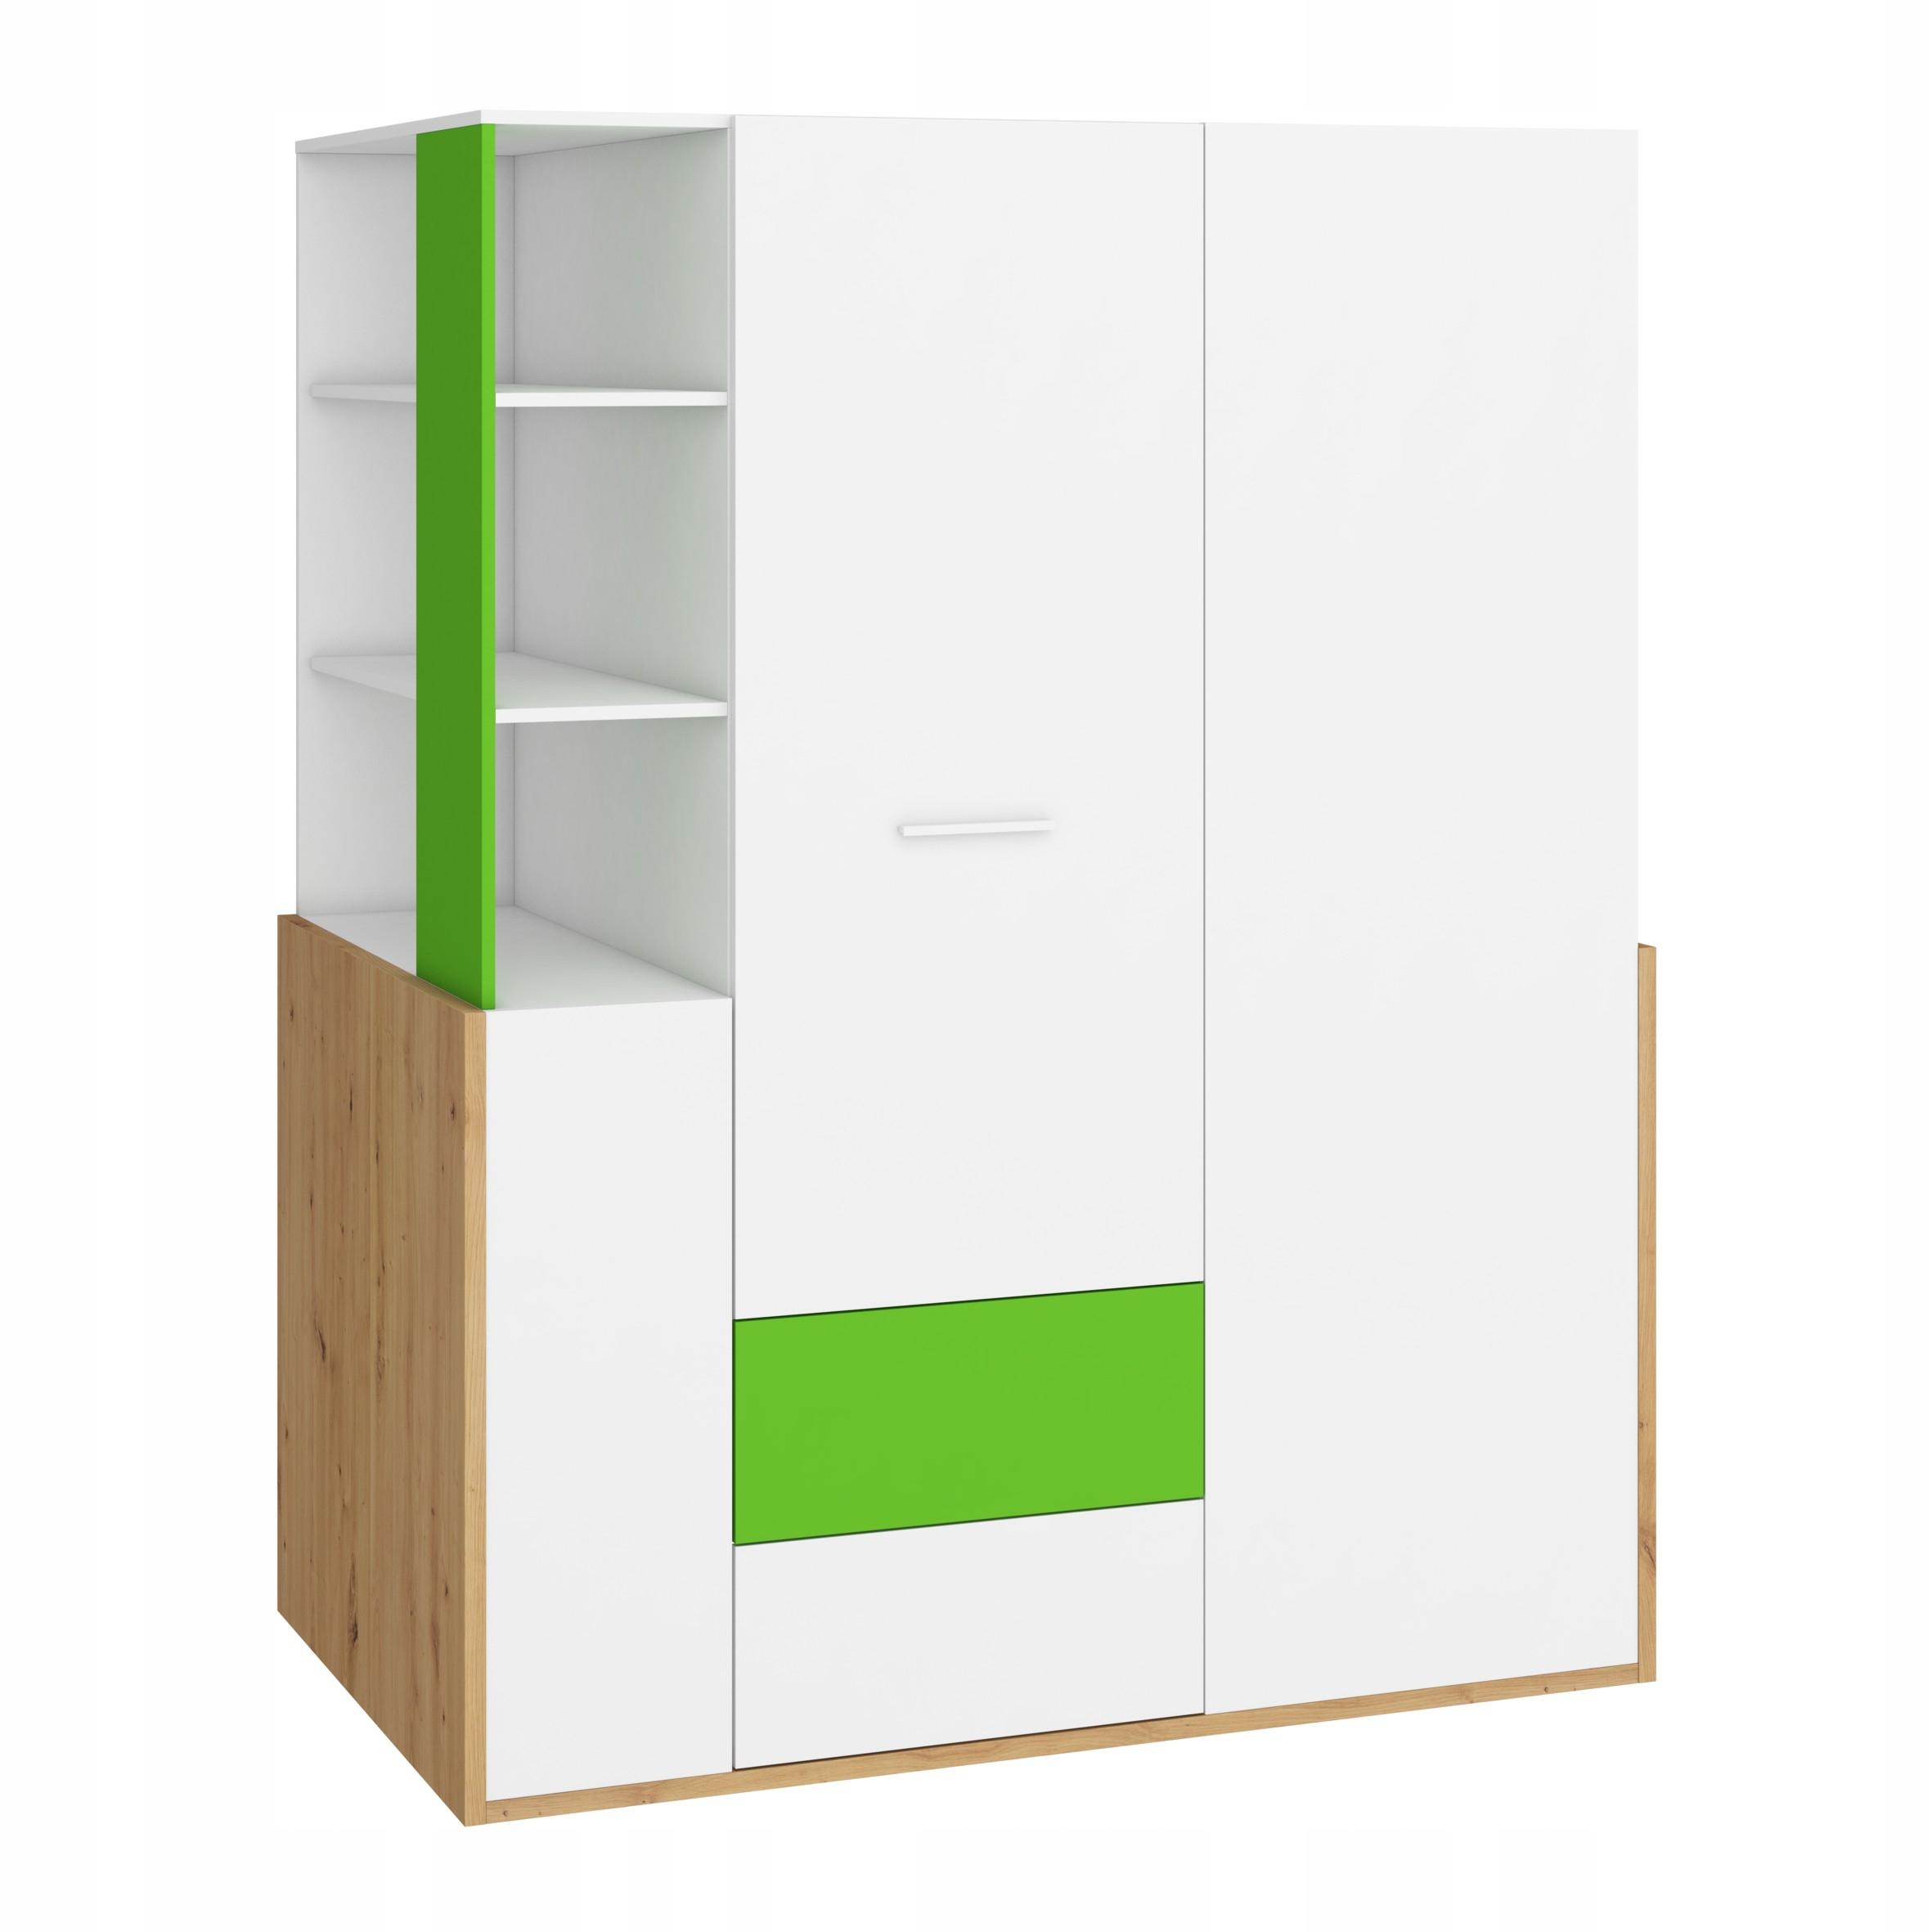 HEJ _21 nábytok, šatníková skriňa artisan 155/ biela / zelená